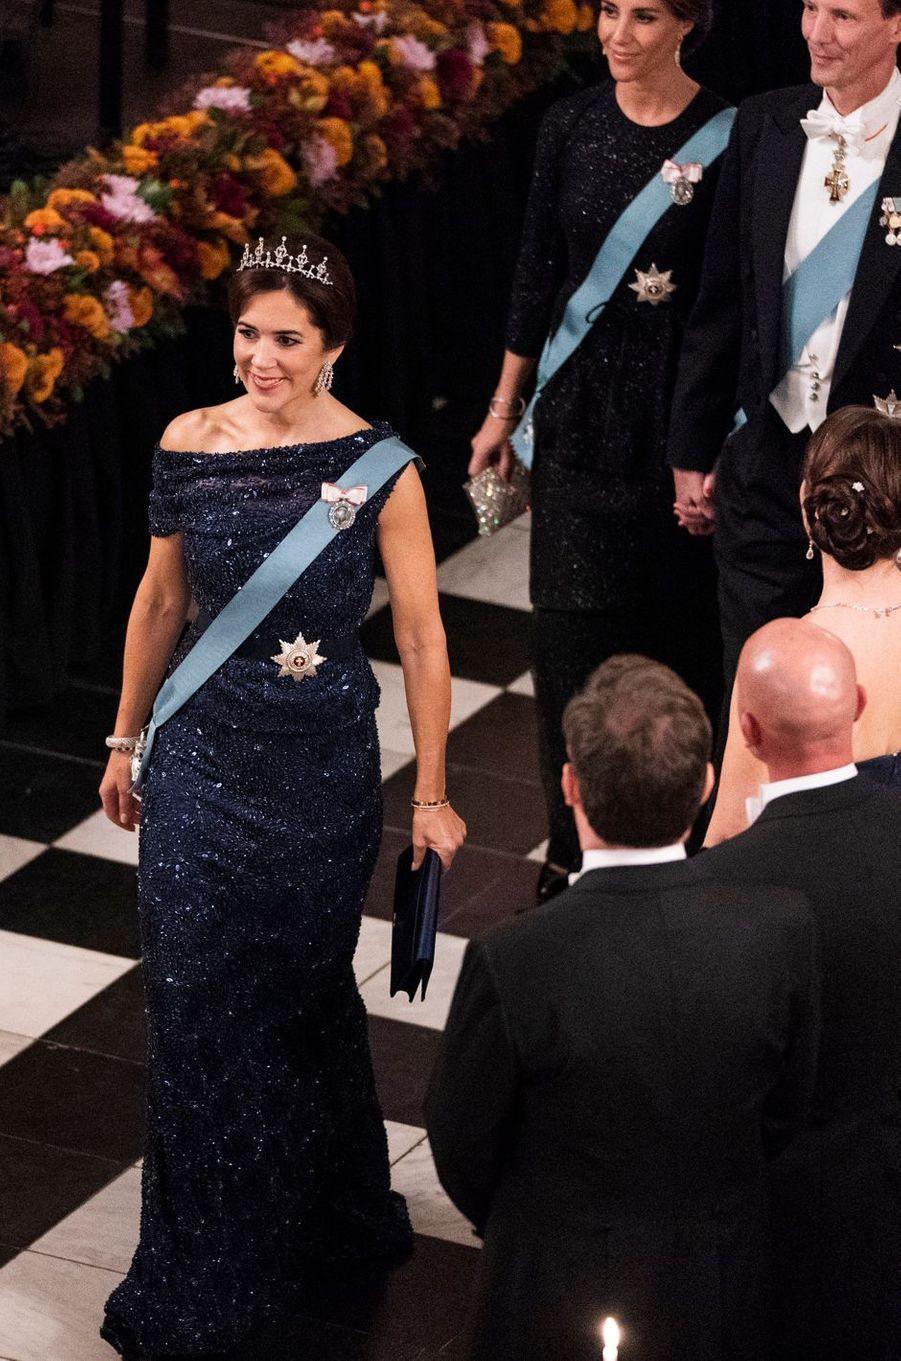 La princesse Mary de Danemark suivie de la princesse Marie et du prince Joachim à Copenhague, le 24 octobre 2018